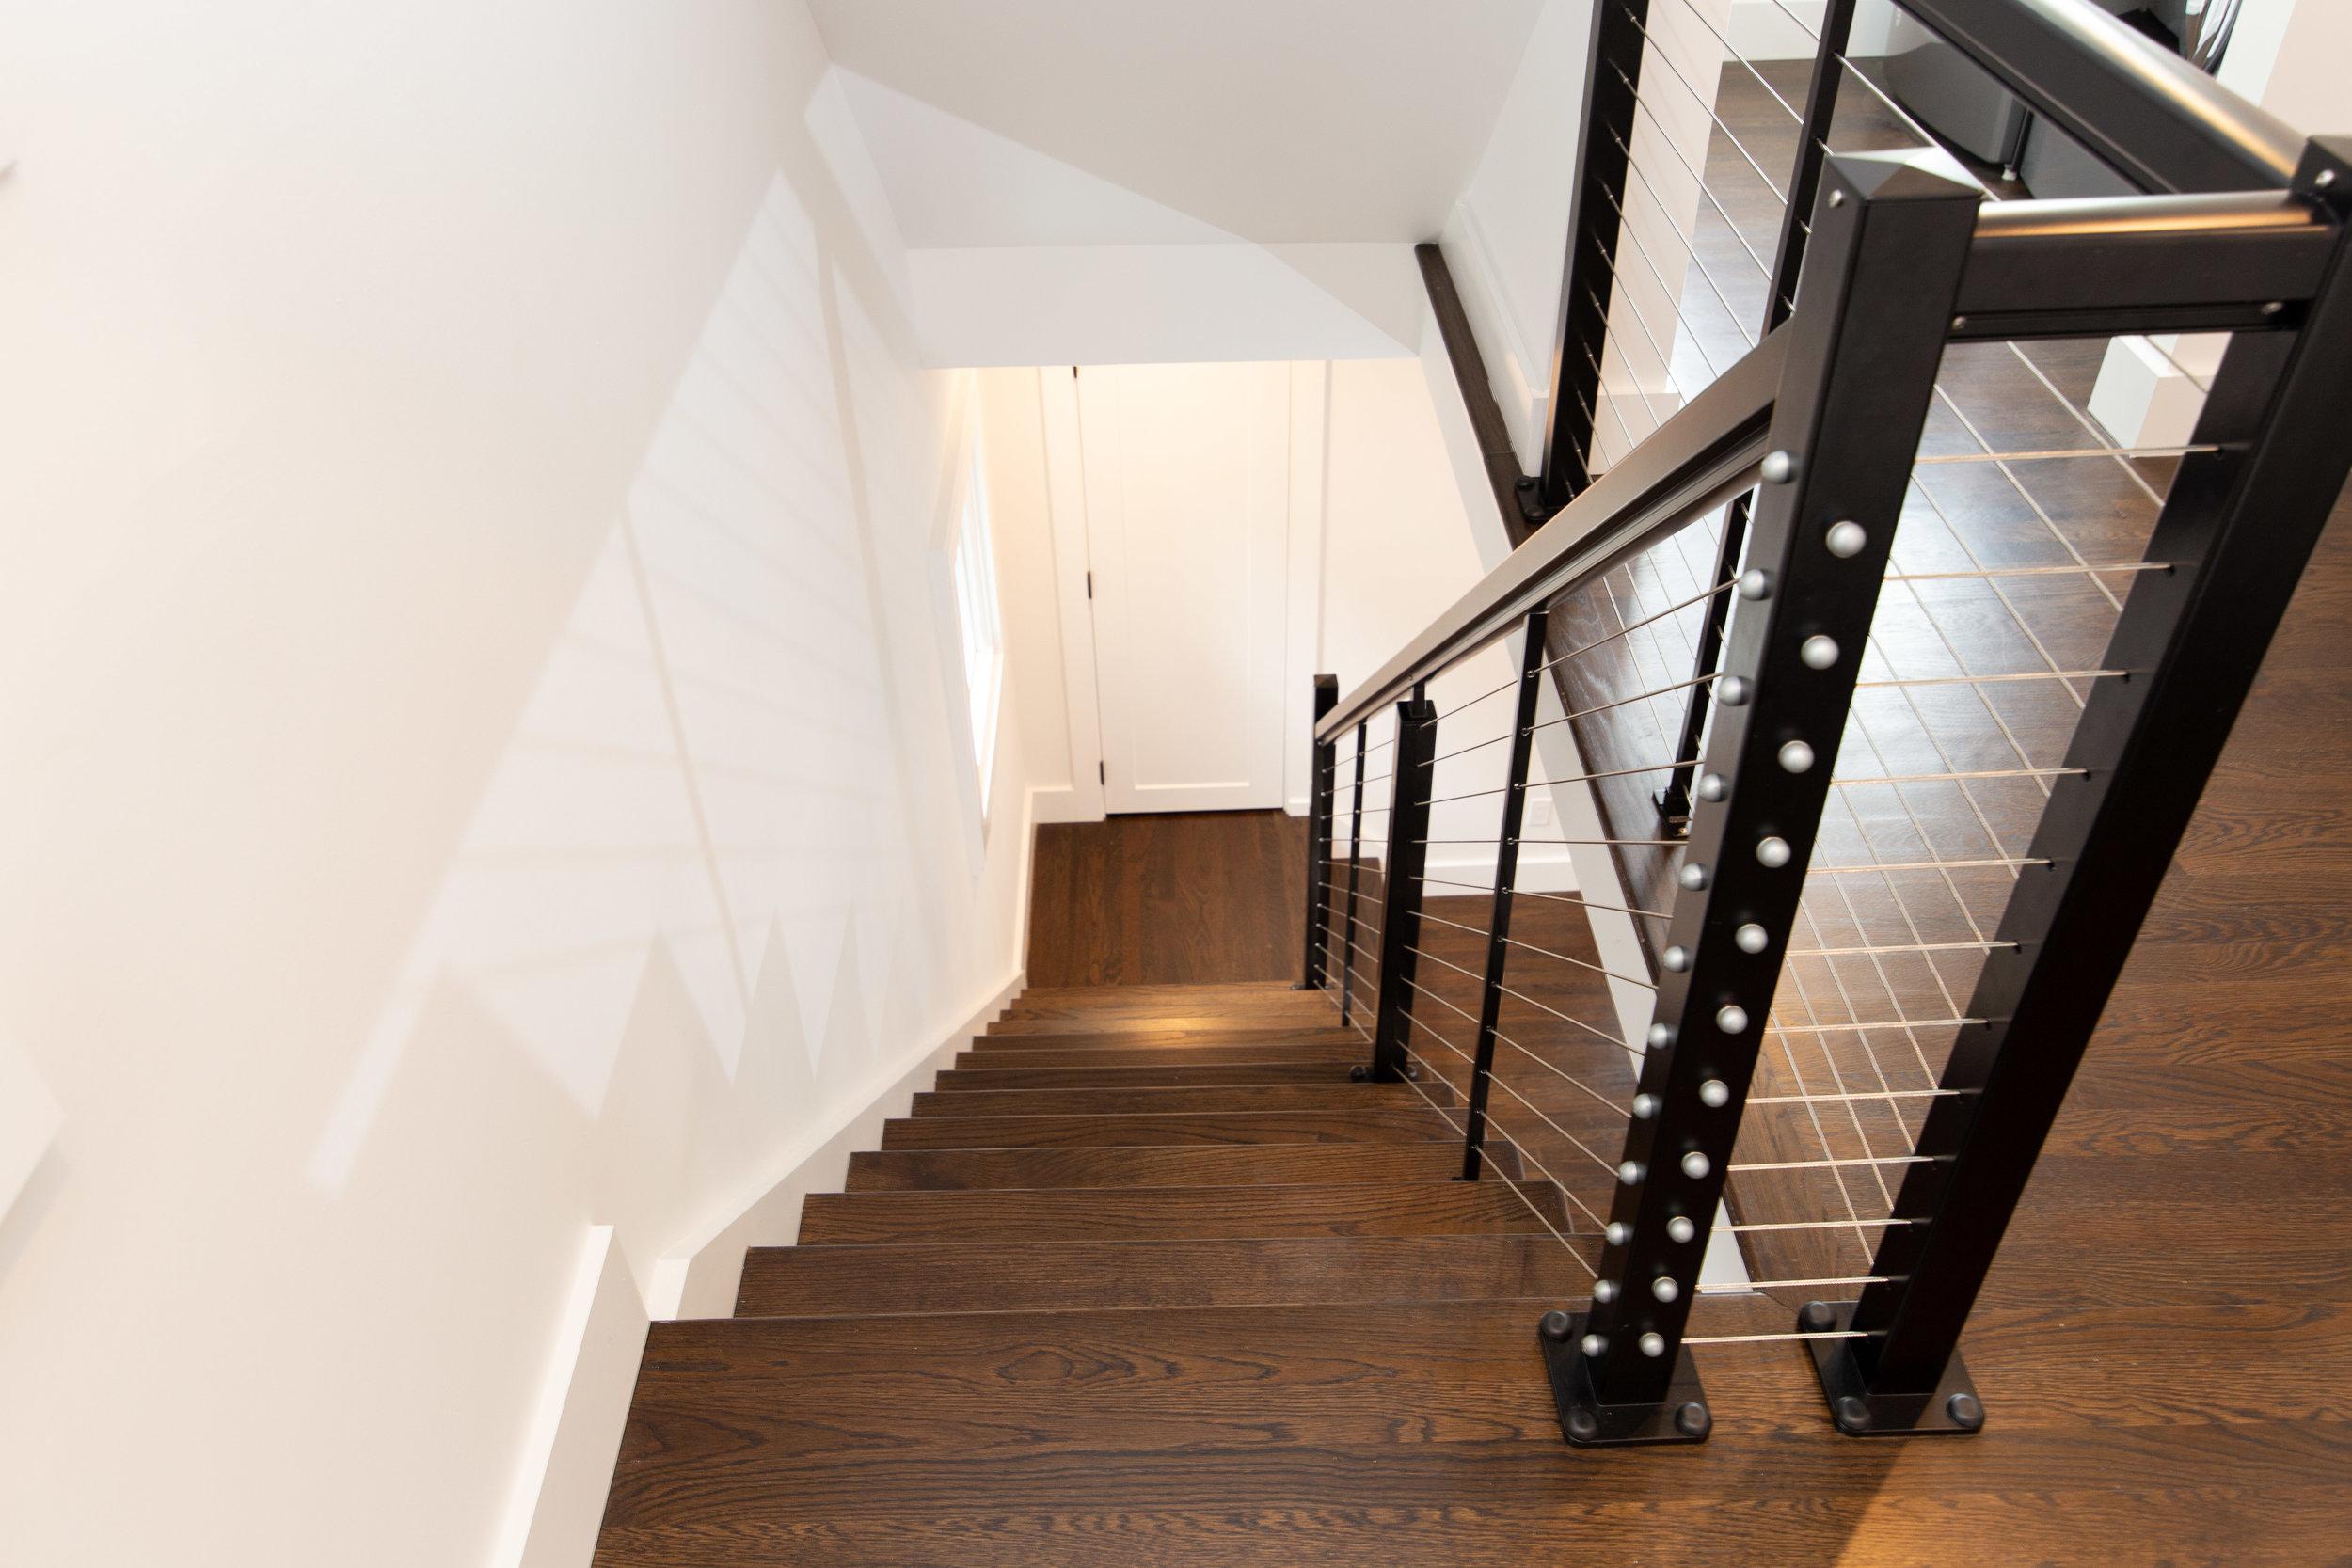 Ivy_Stairs 03.jpg